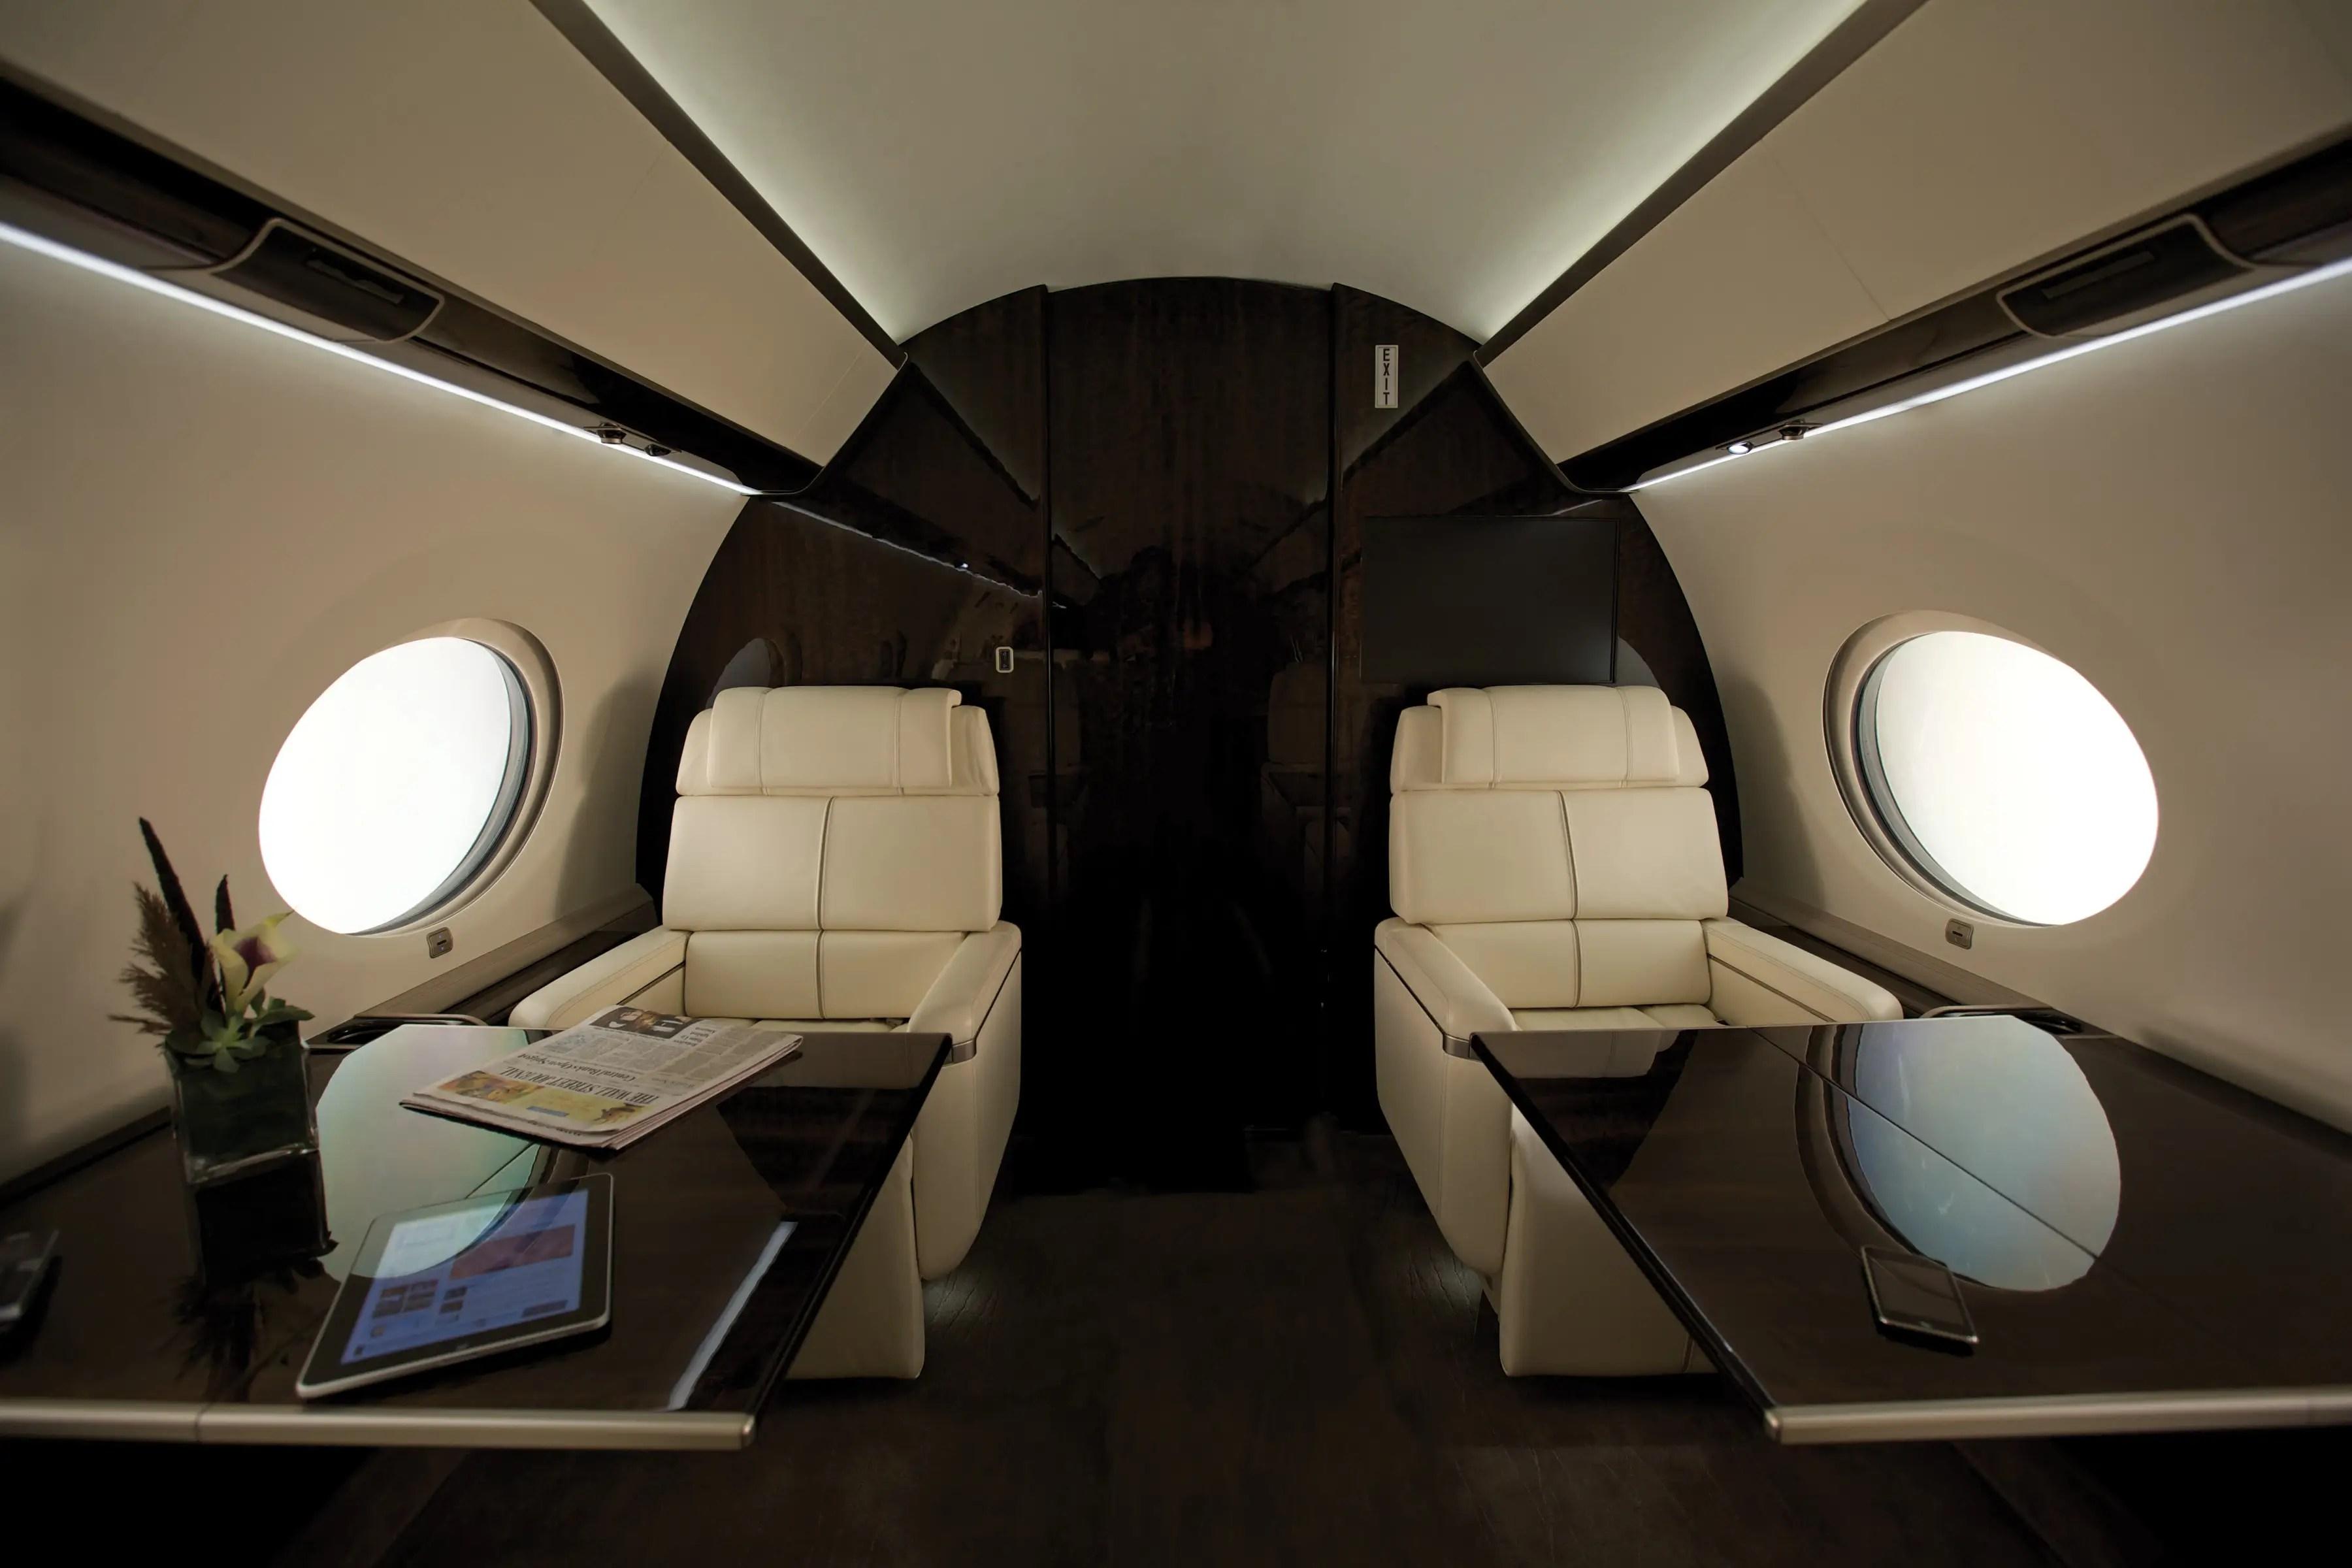 Tiene capacidad para ocho pasajeros y una tripulación de cuatro personas.